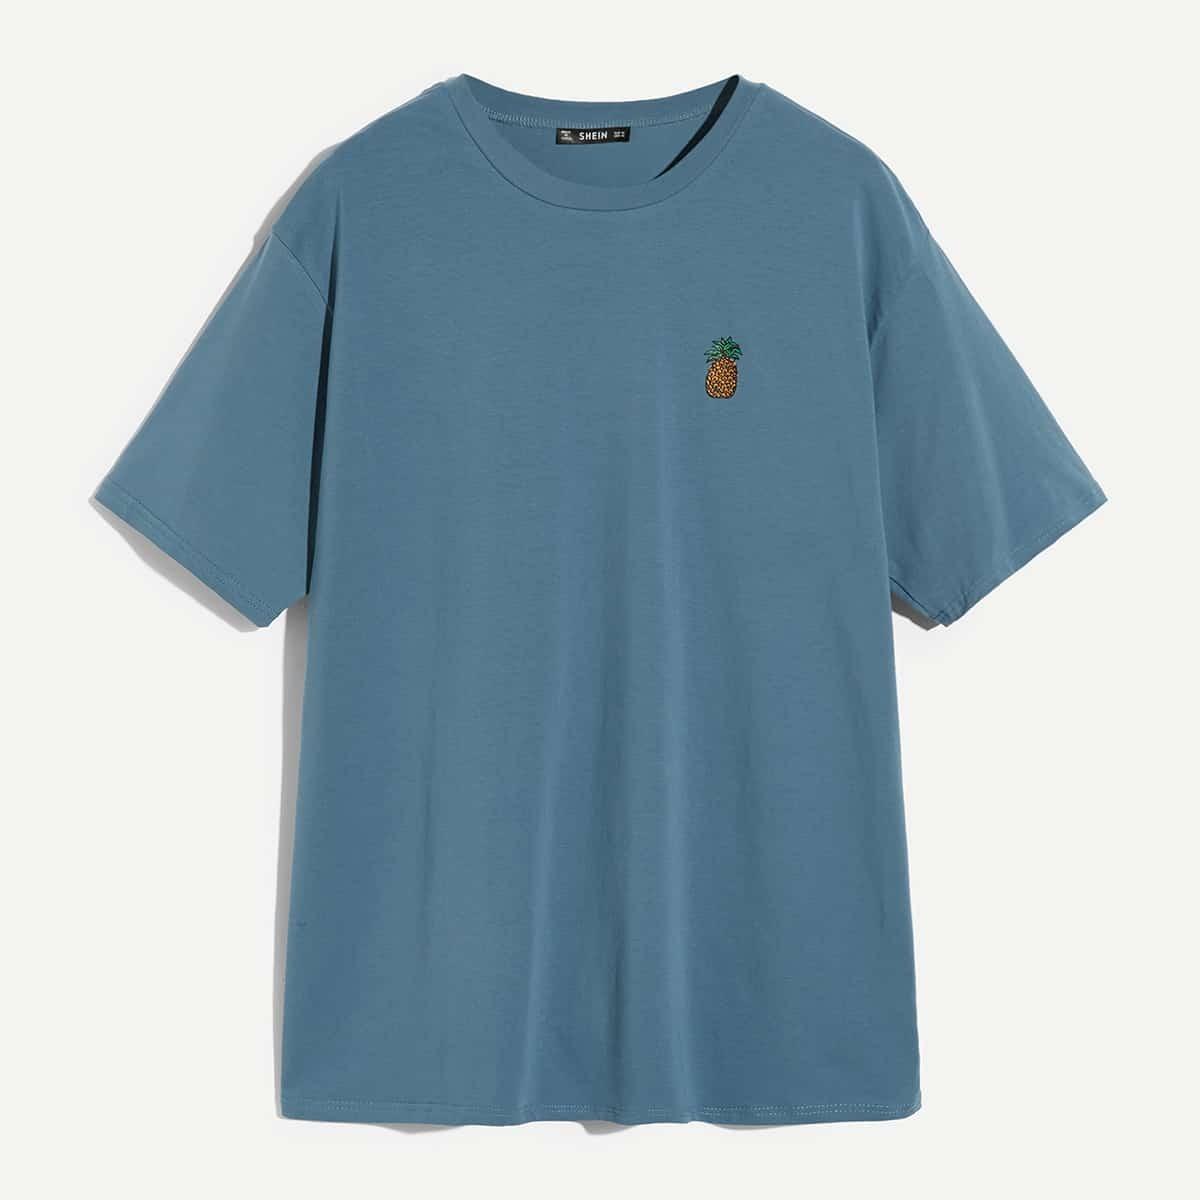 Blauw Casual Fruit & groenten Shirts mannen